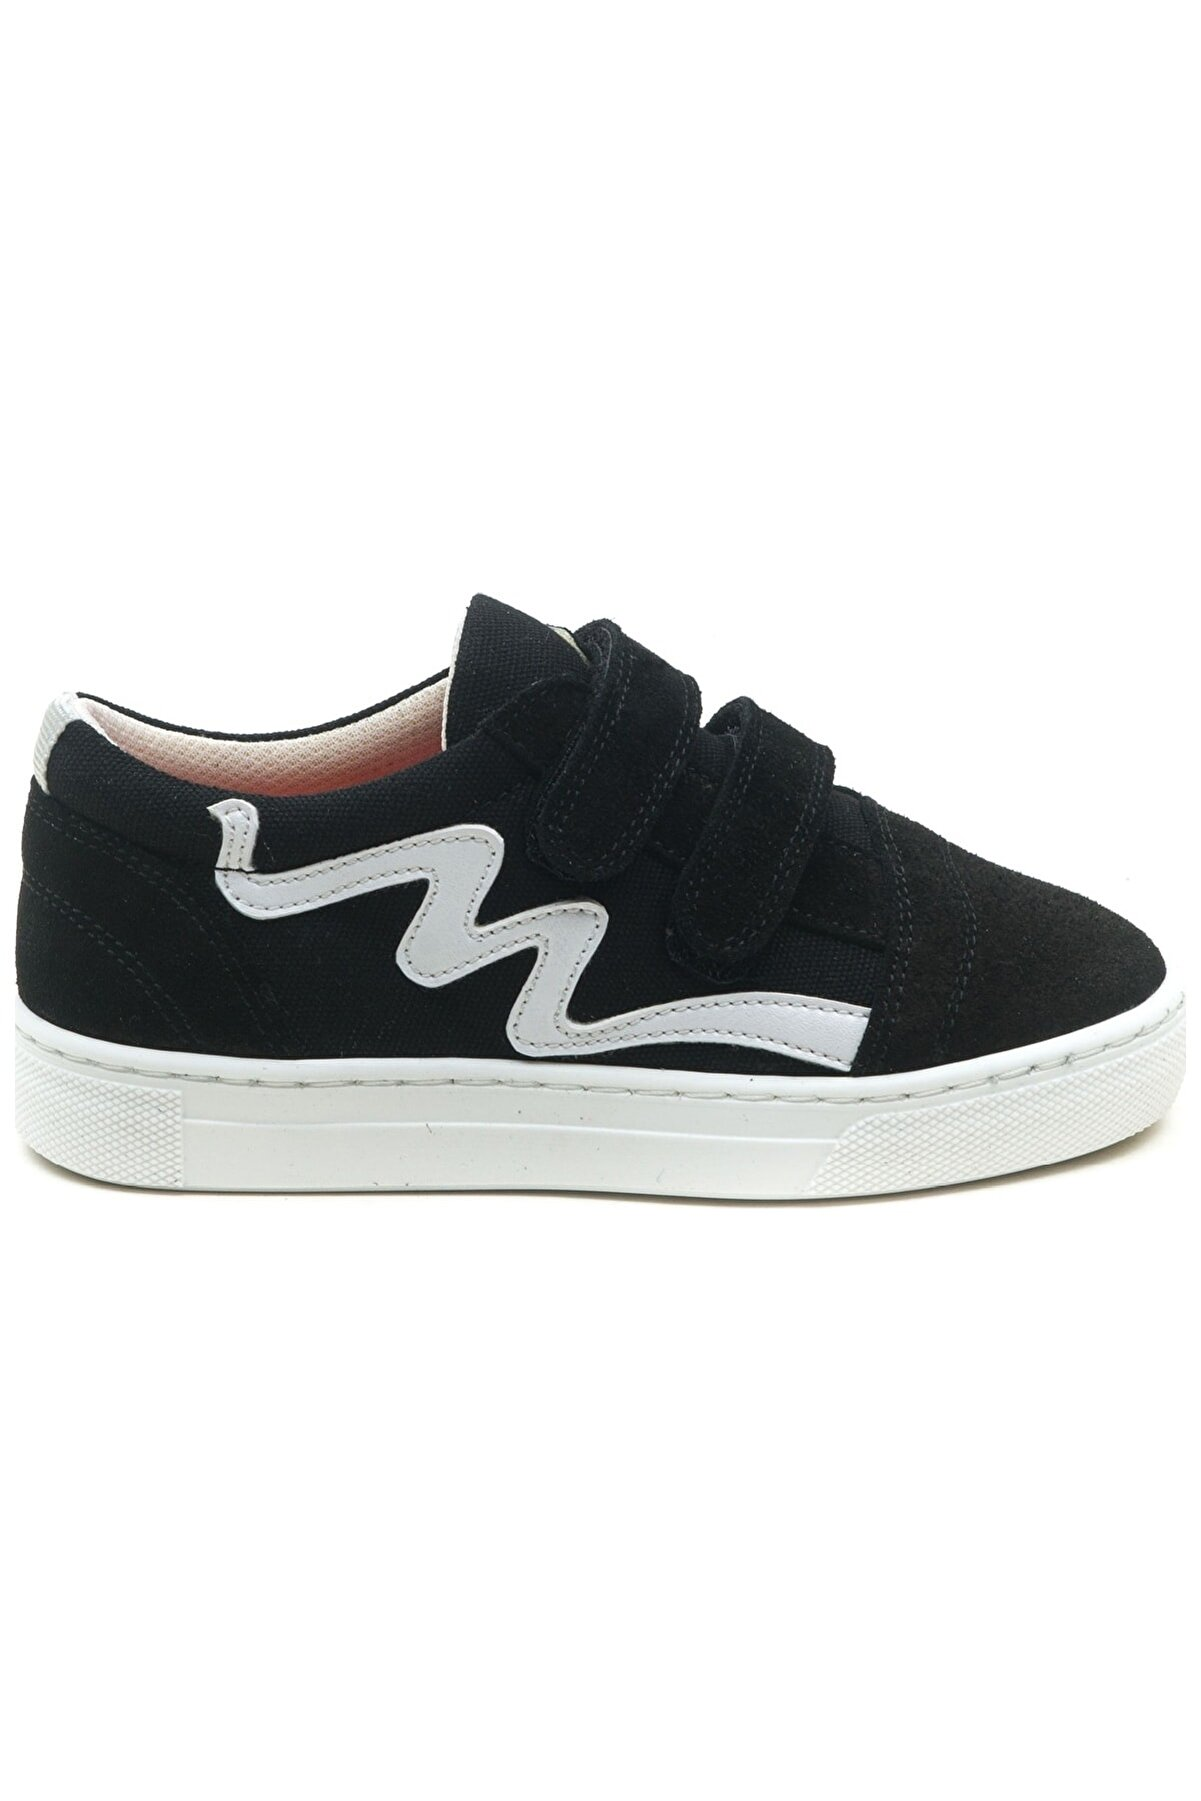 Minipicco Unısex Çocuk Siyah Deri Cırtlı Casual Ayakkabı